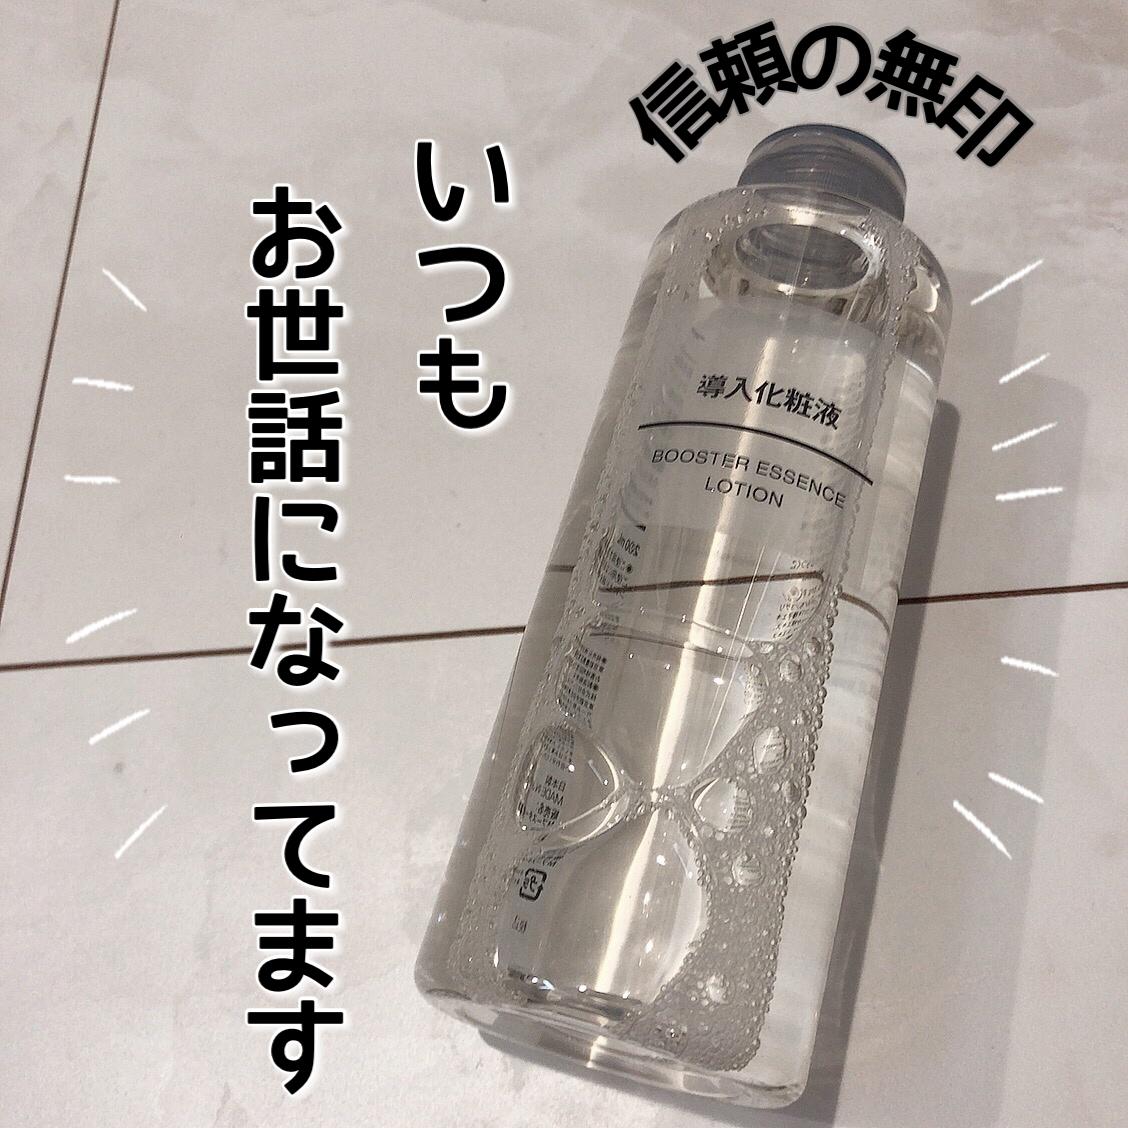 無印良品(MUJI)導入化粧液を使ったkhさんのクチコミ画像2